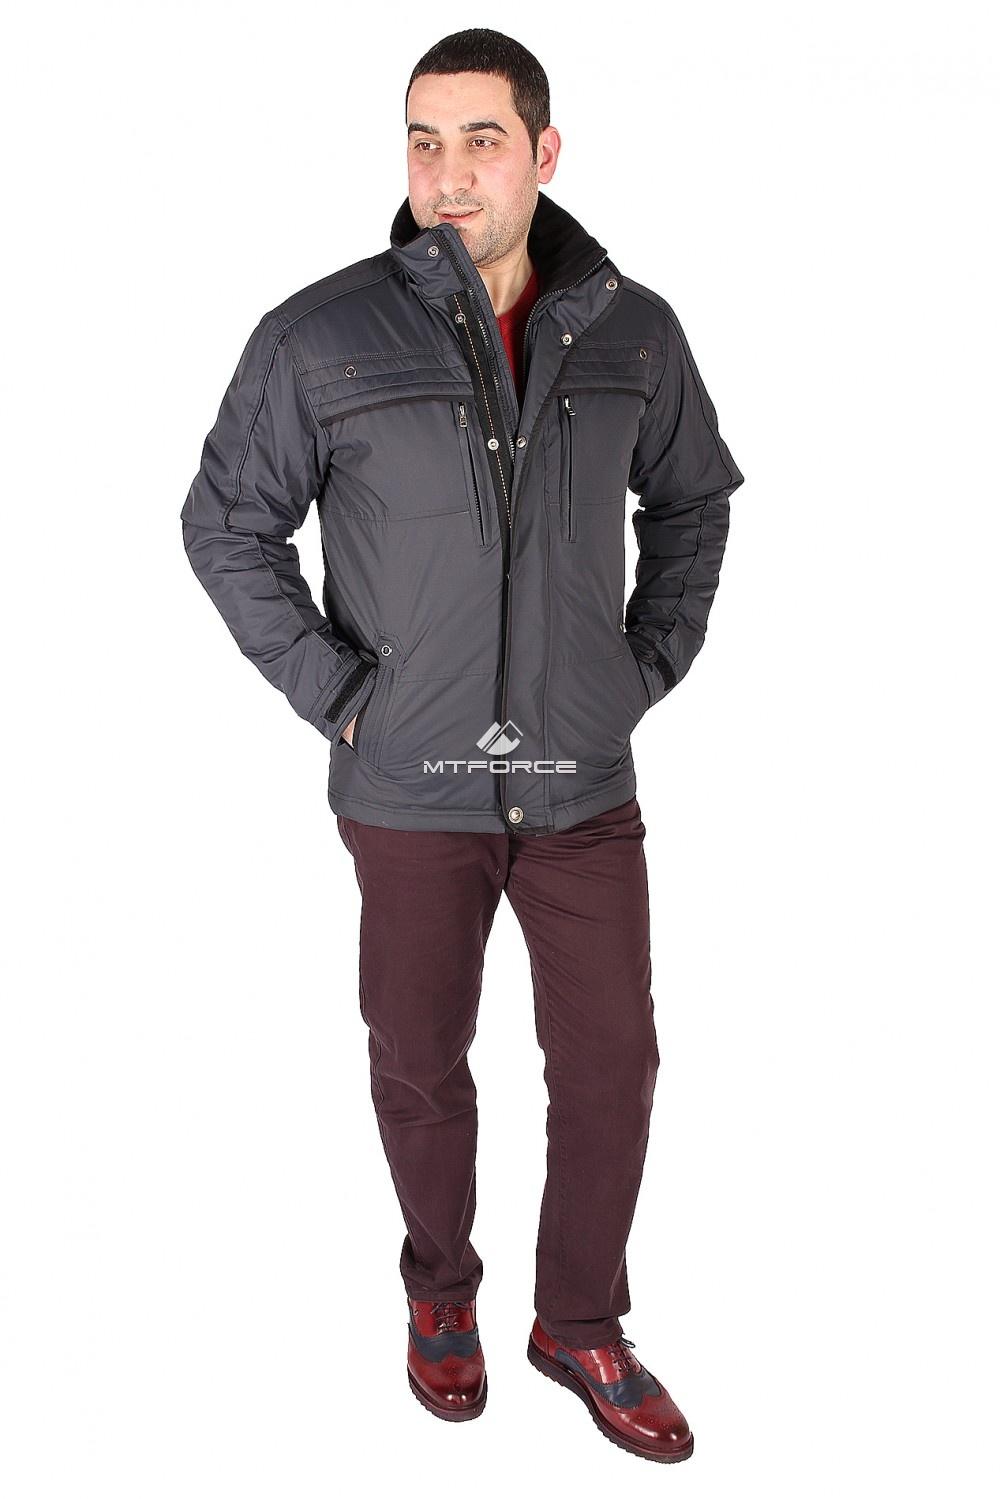 Купить                                      оптом Куртка классическая мужская темно-синего цвета 1603TS в Санкт-Петербурге